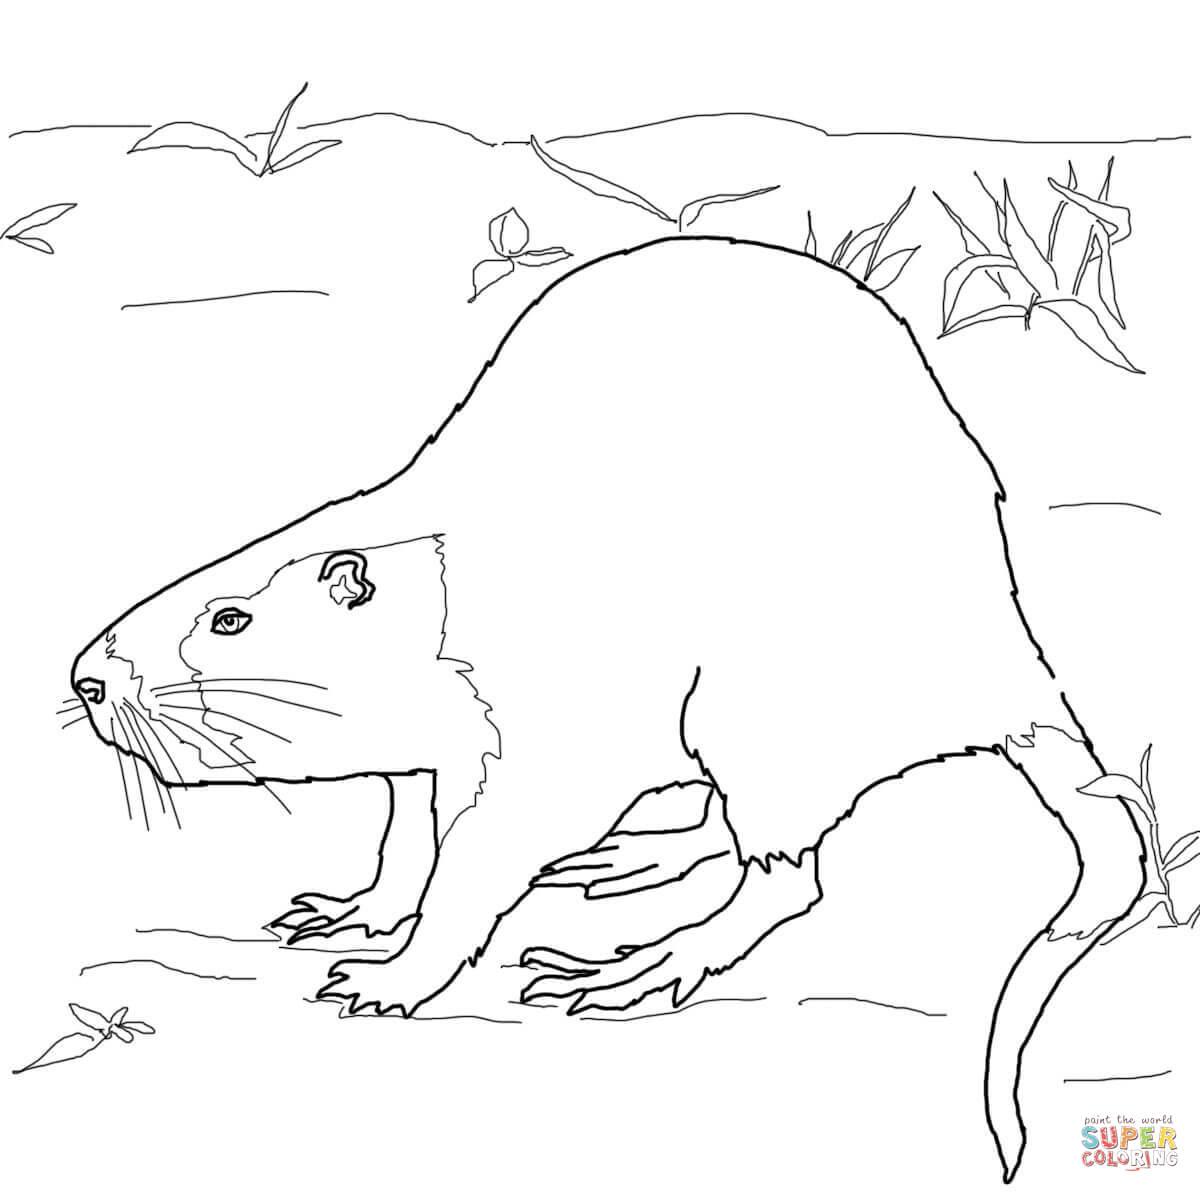 Rat clipart nutria #12